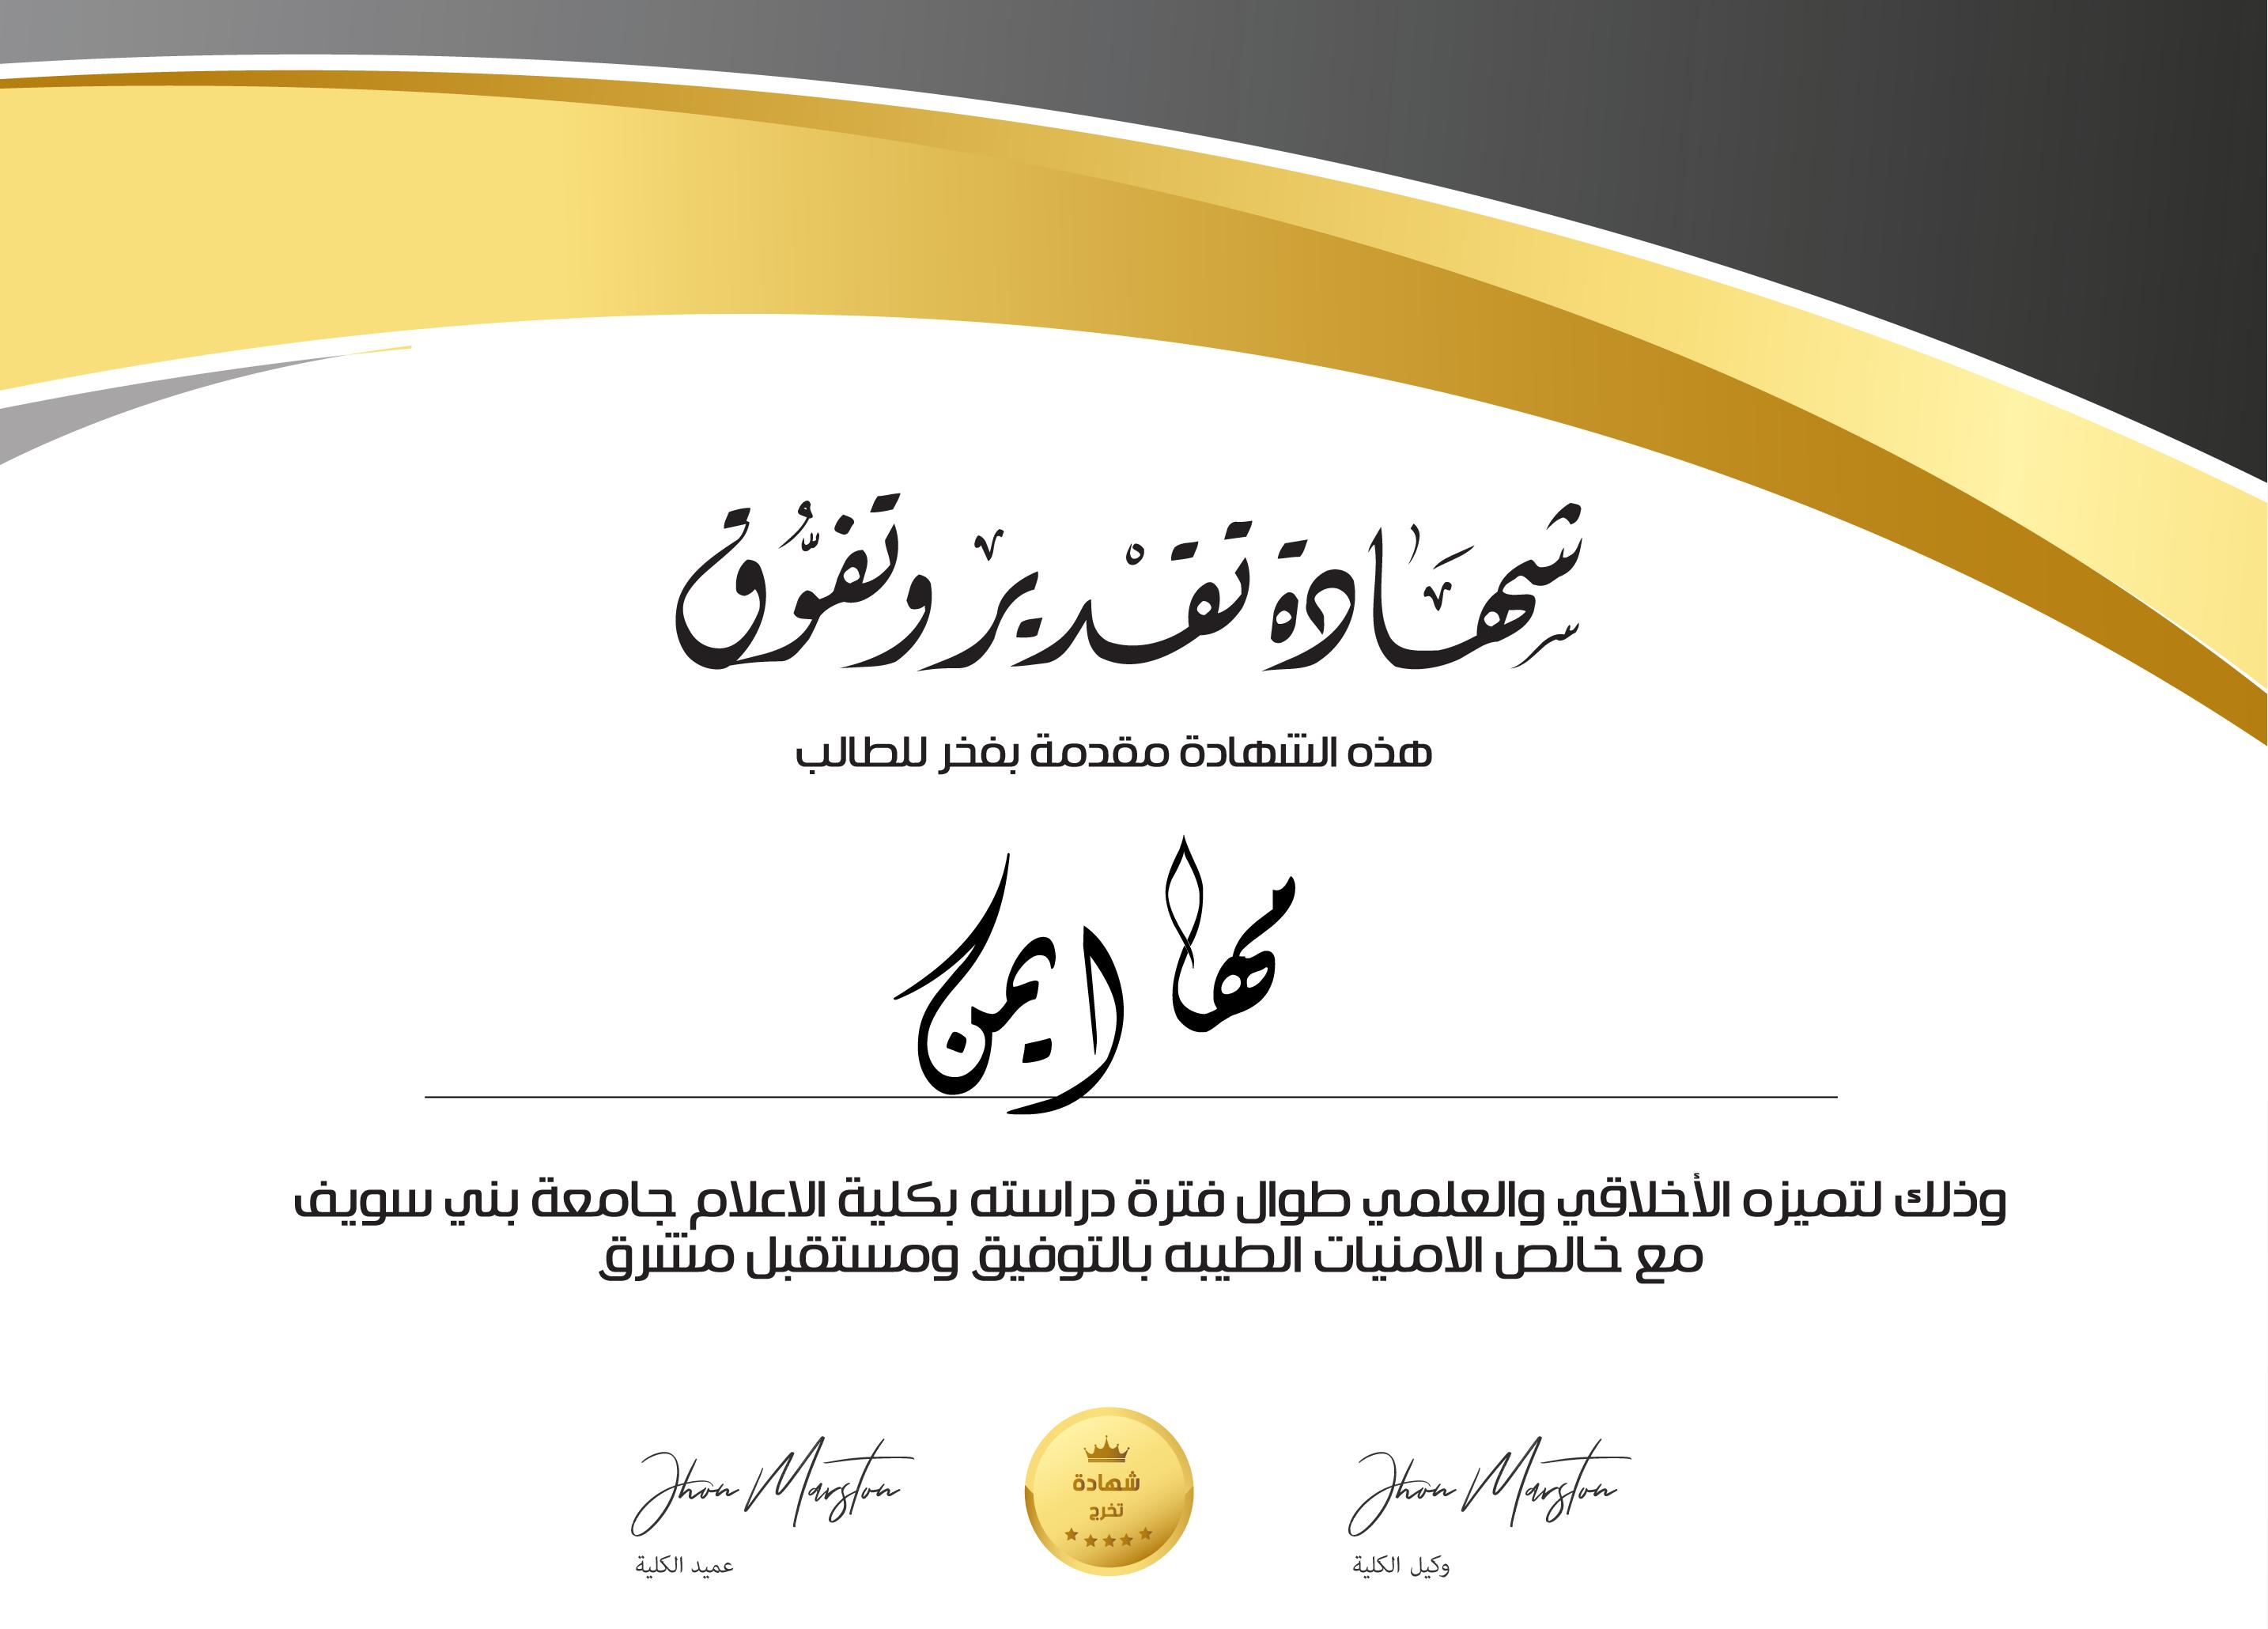 شهادة تخرج Company Logo Tech Company Logos Logos